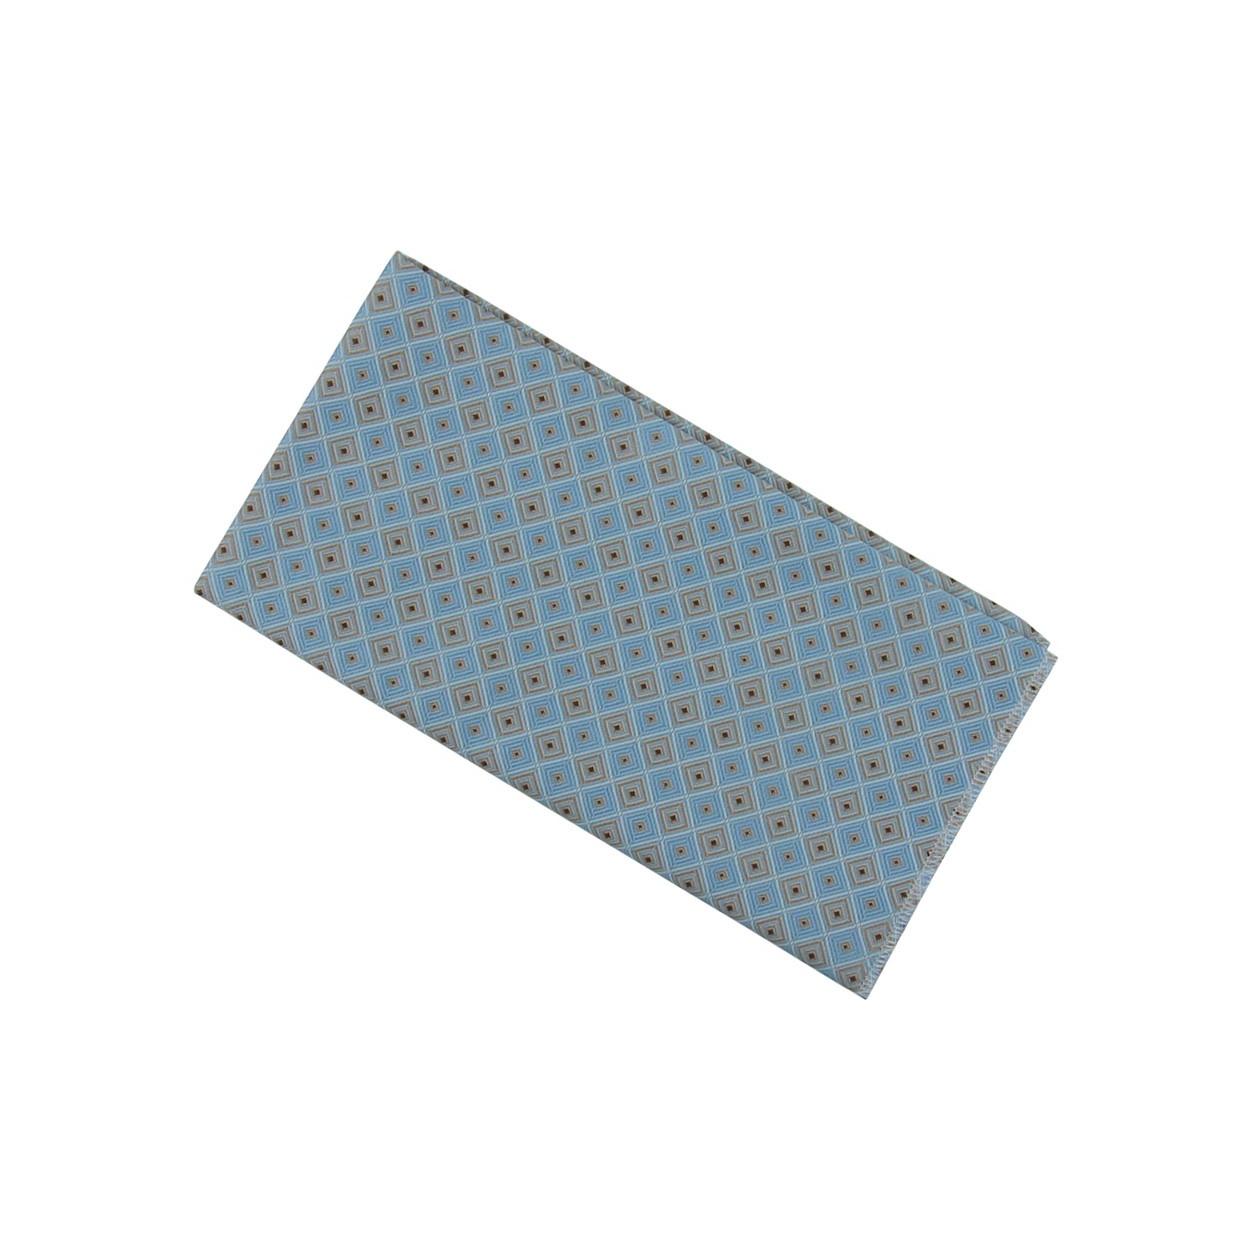 Světle modrý pánský kapesníček do saka s šedými kostičkami